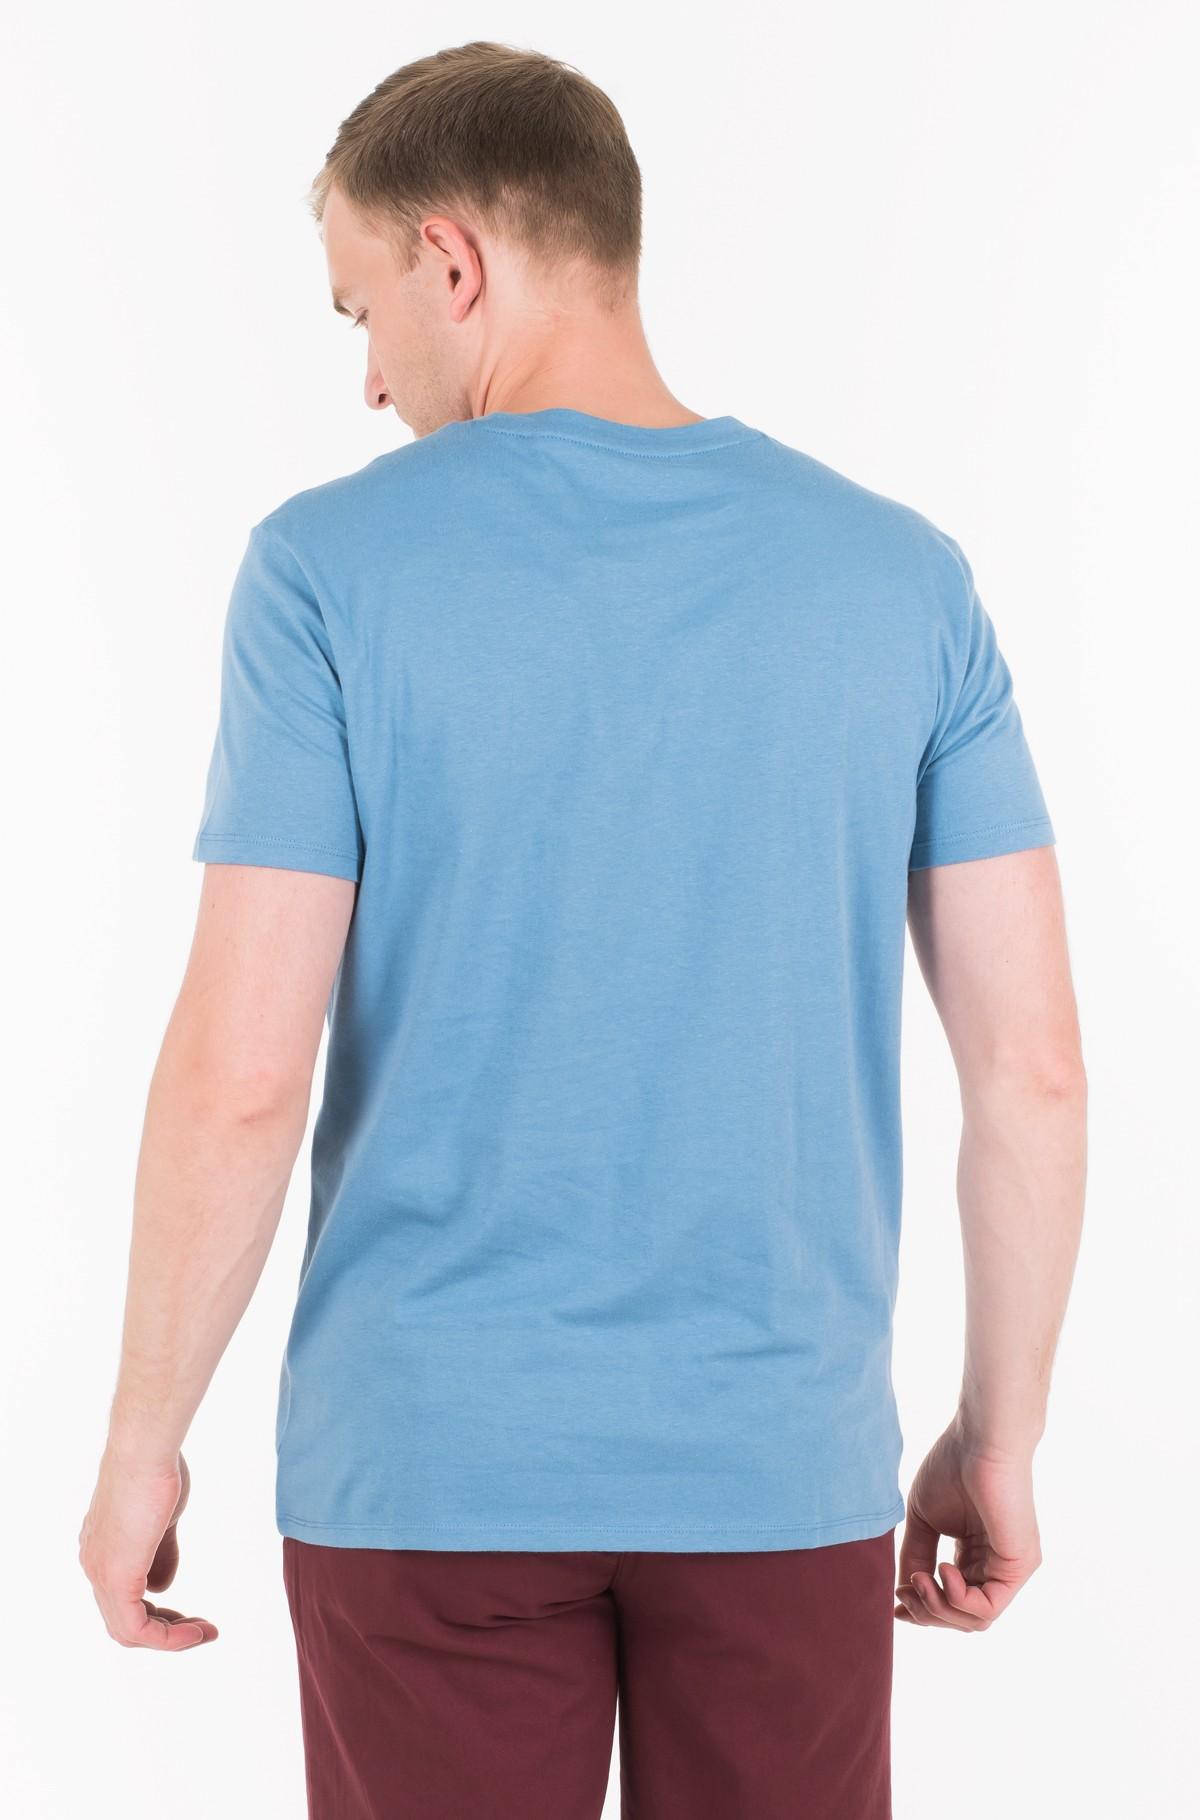 Marškinėliai 926 2220 51230-full-2